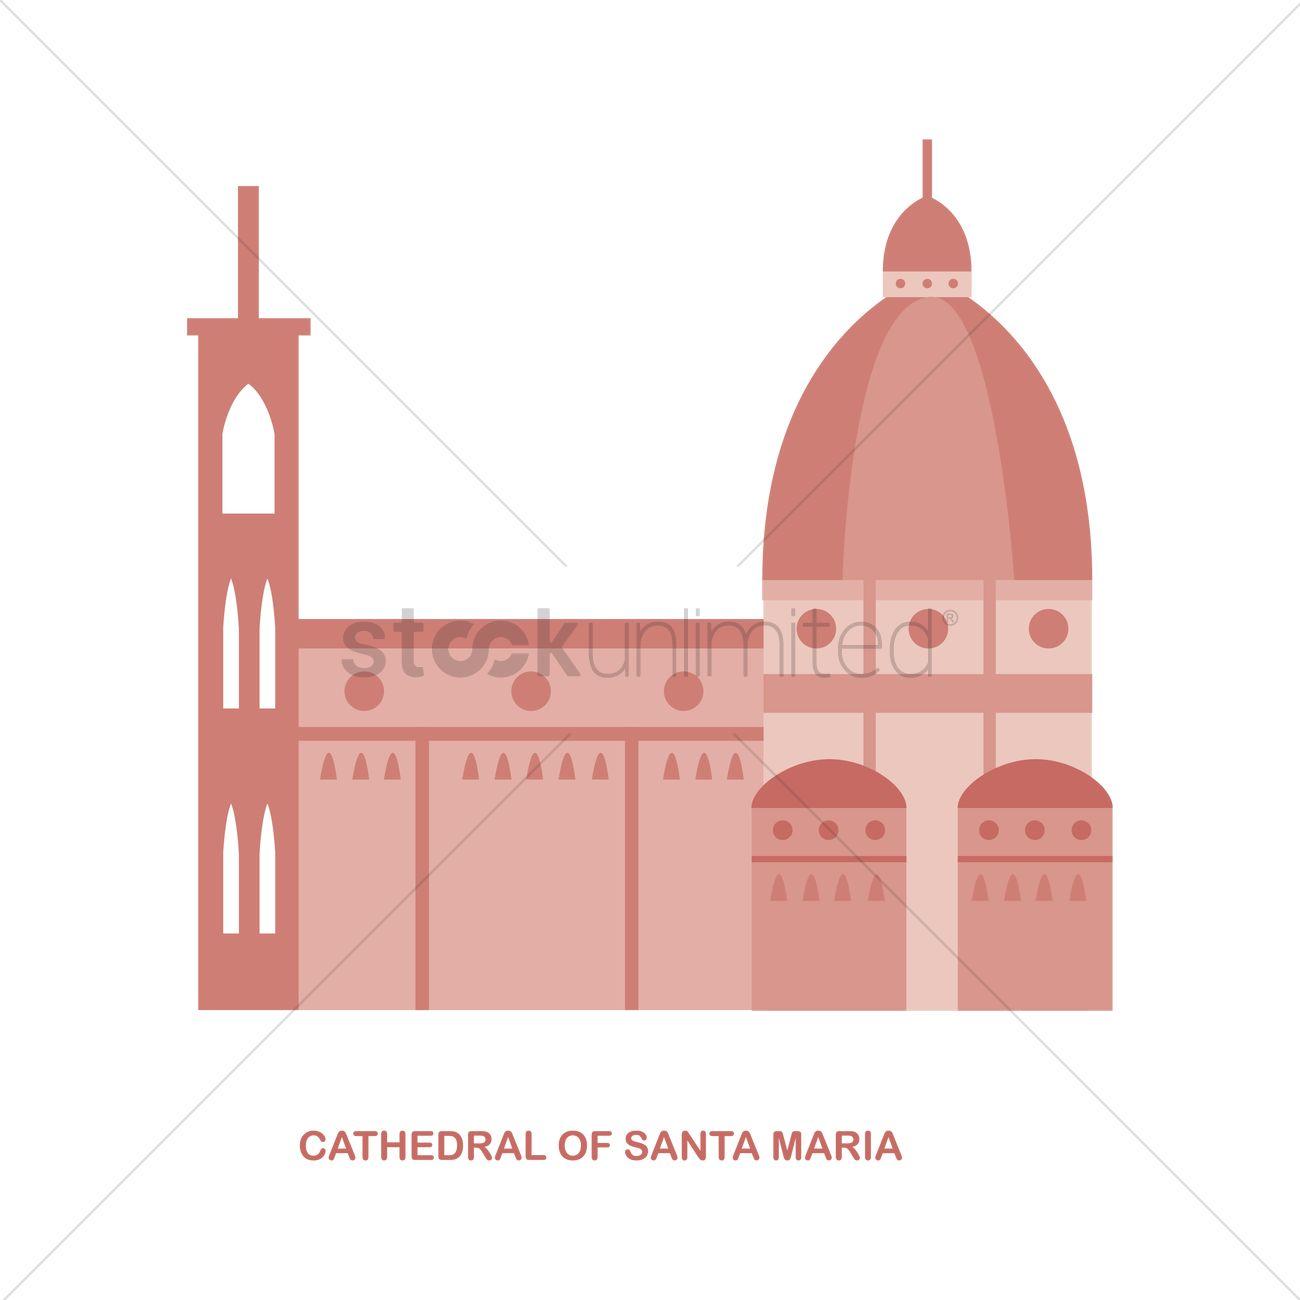 Cathedral of santa maria Vector Image.